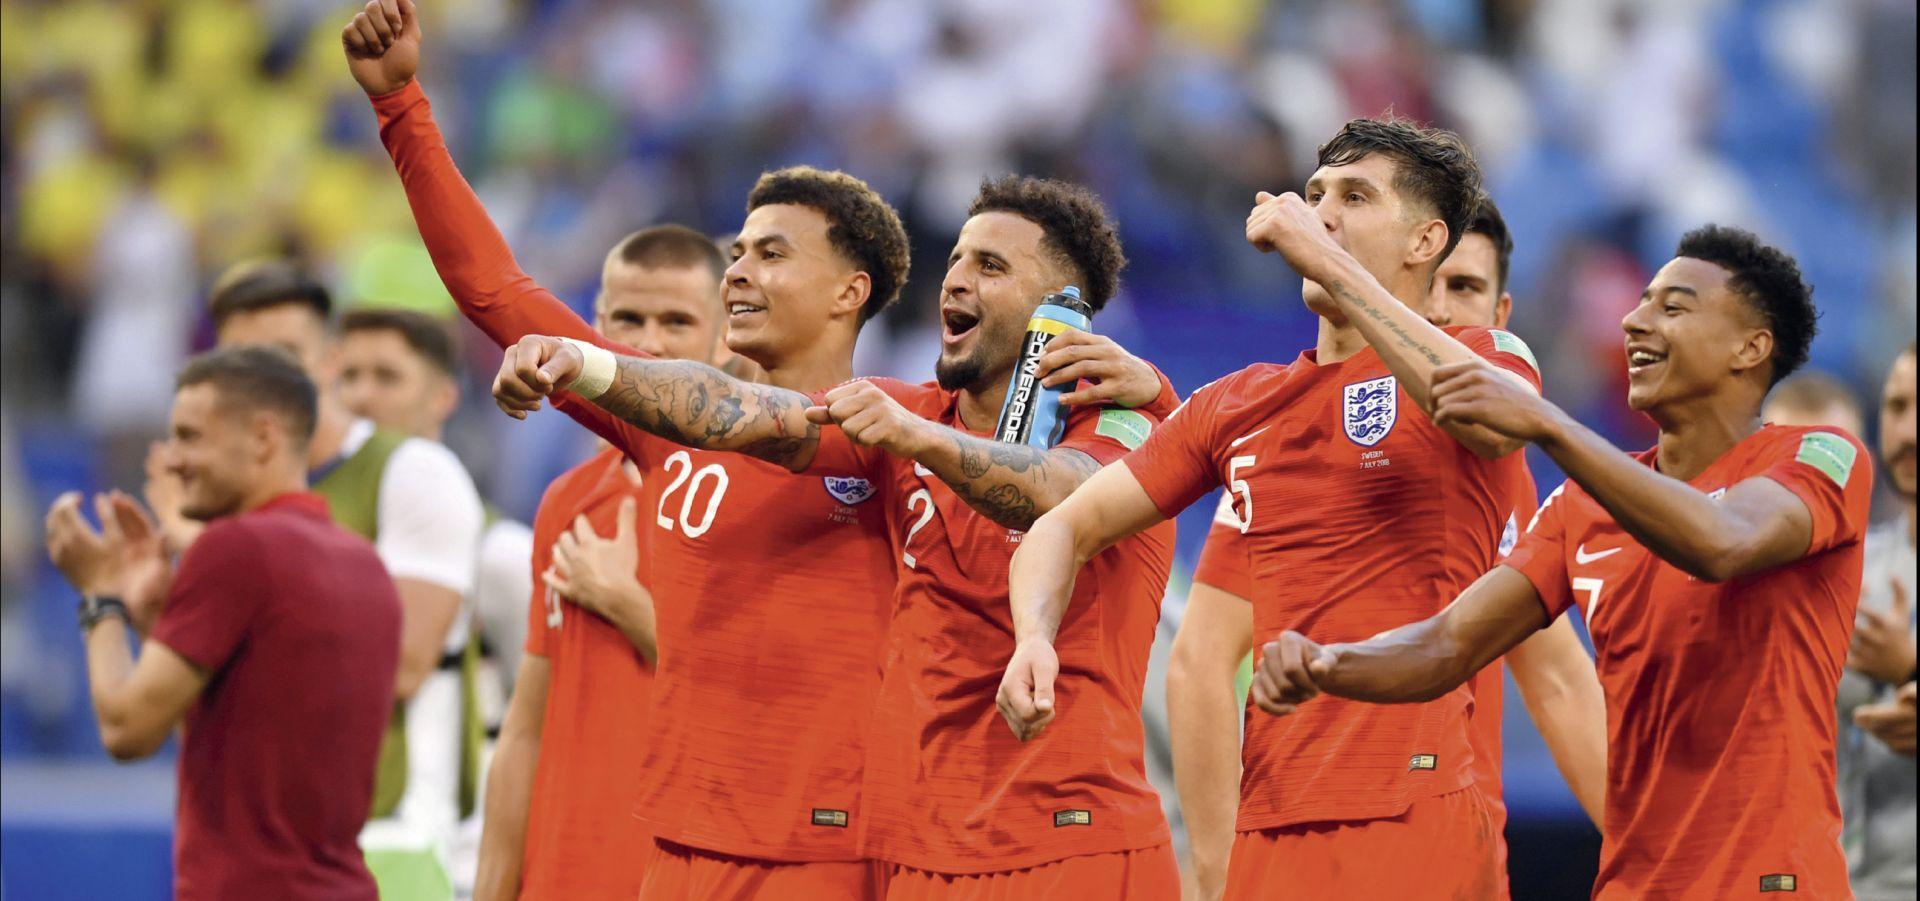 Mlada generacija koja može skinuti stigmu vječnih gubitnika s engleskog nogometa